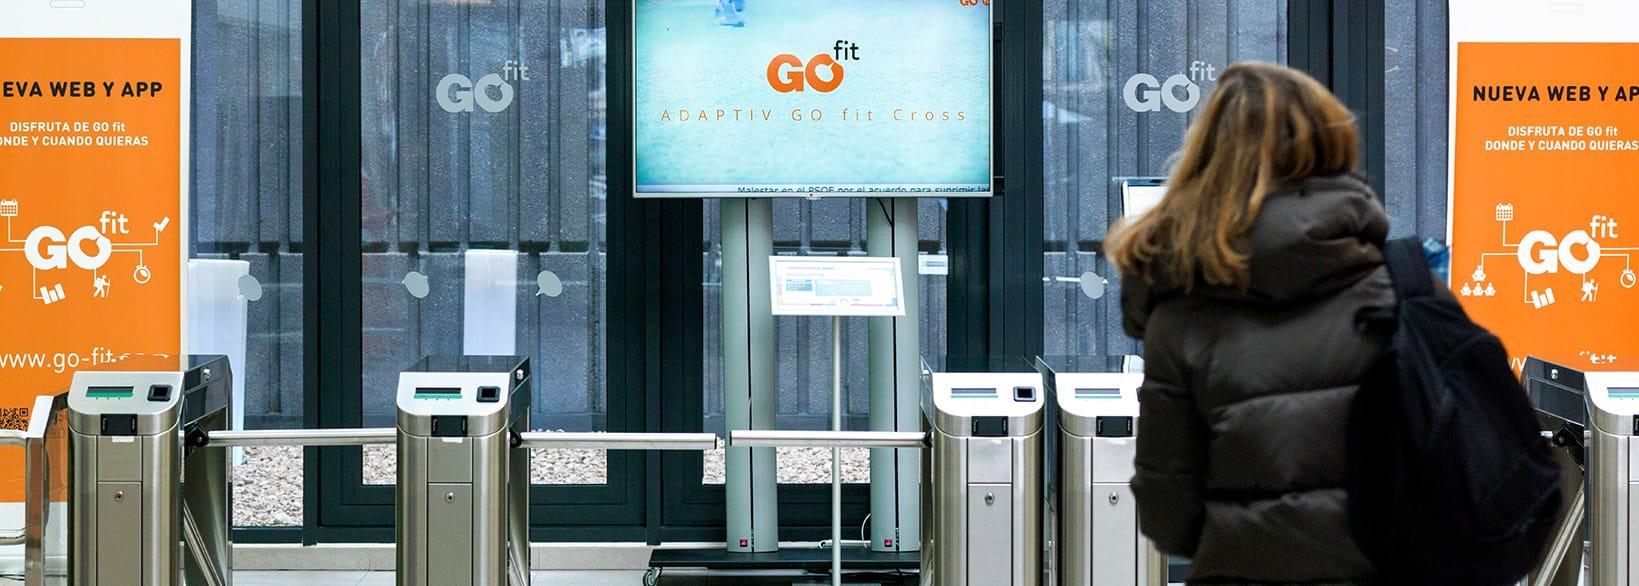 Tecnología aplicada al retail para la comunicación en el establecimiento de GoFit